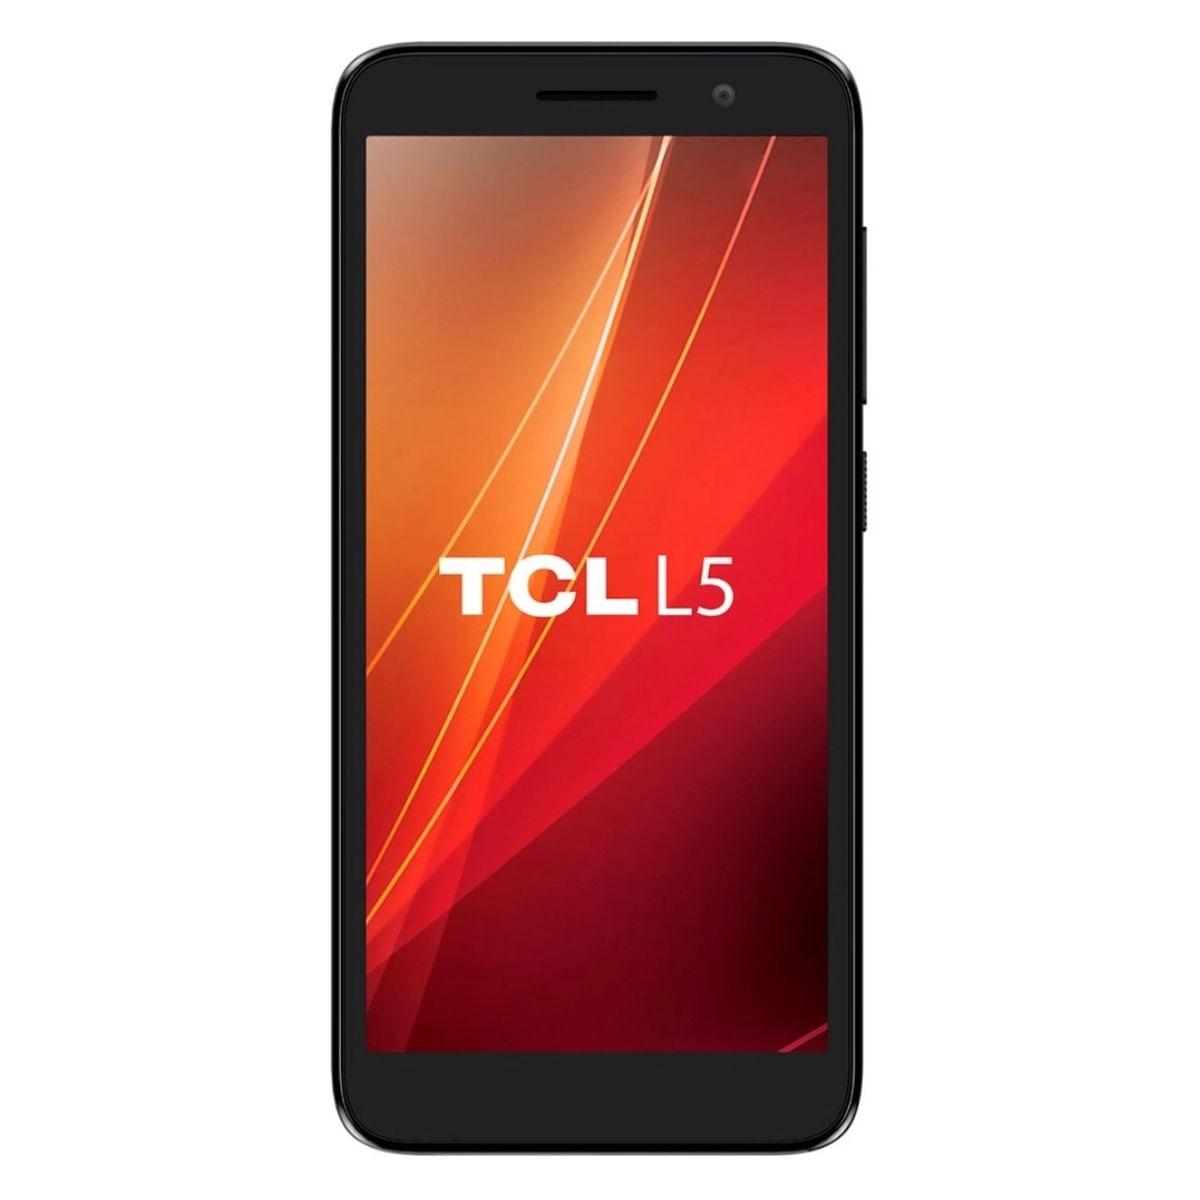 Imagem de Smartphone TCL L5 16GB